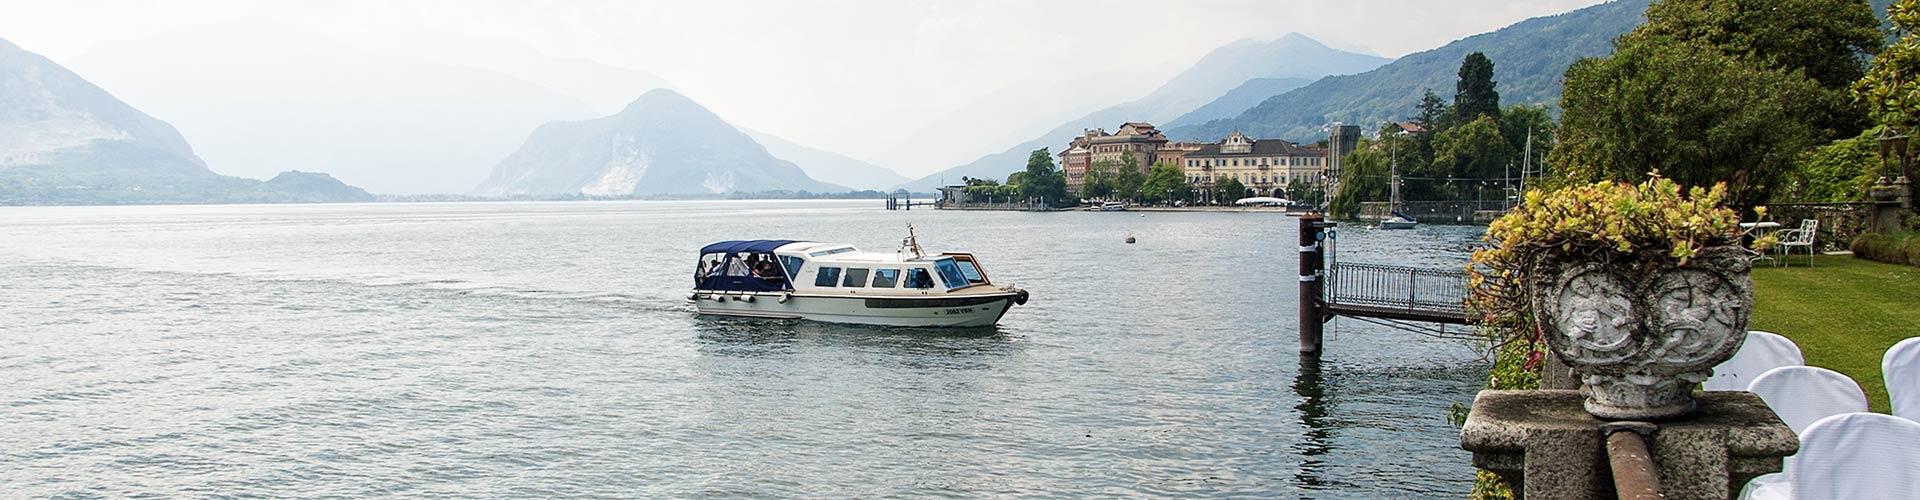 Matrimonio Spiaggia Lago Maggiore : Matrimonio in motoscafo tour isole lago maggiore stresa